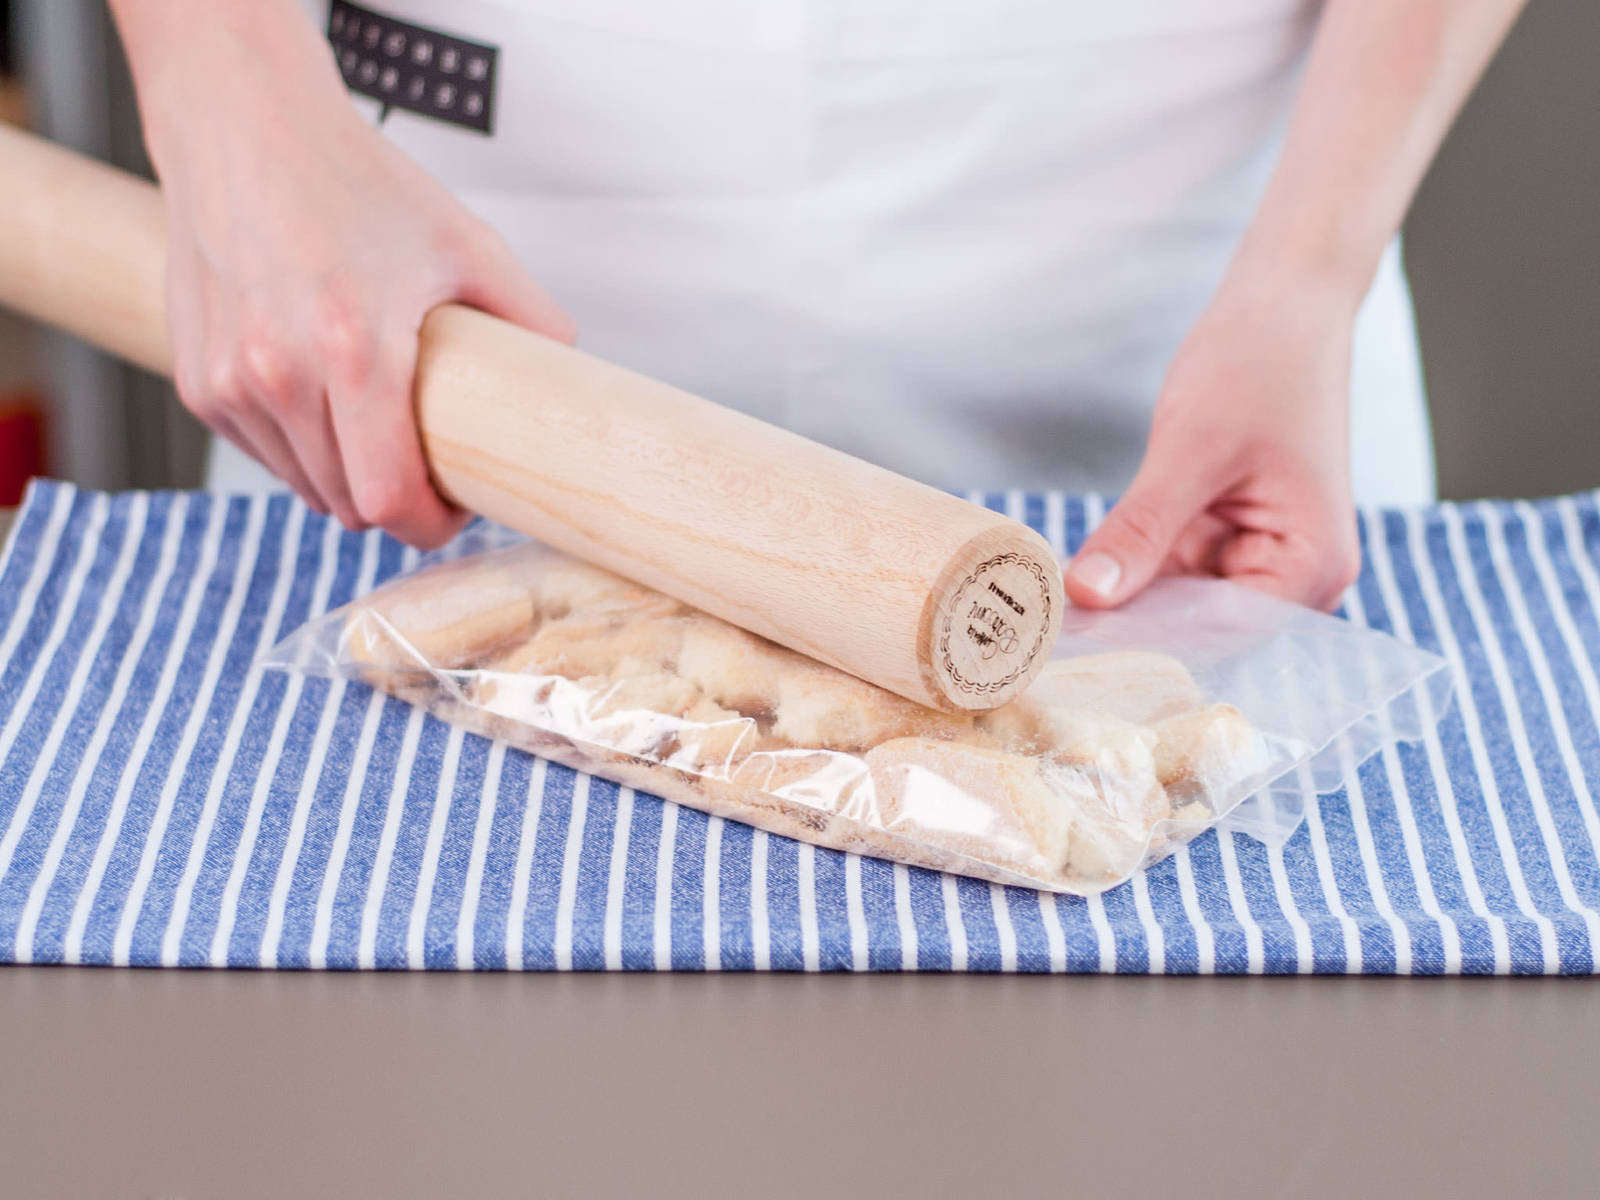 将手指饼干放入冷冻袋并密封,然后用擀面杖将饼干压碎。